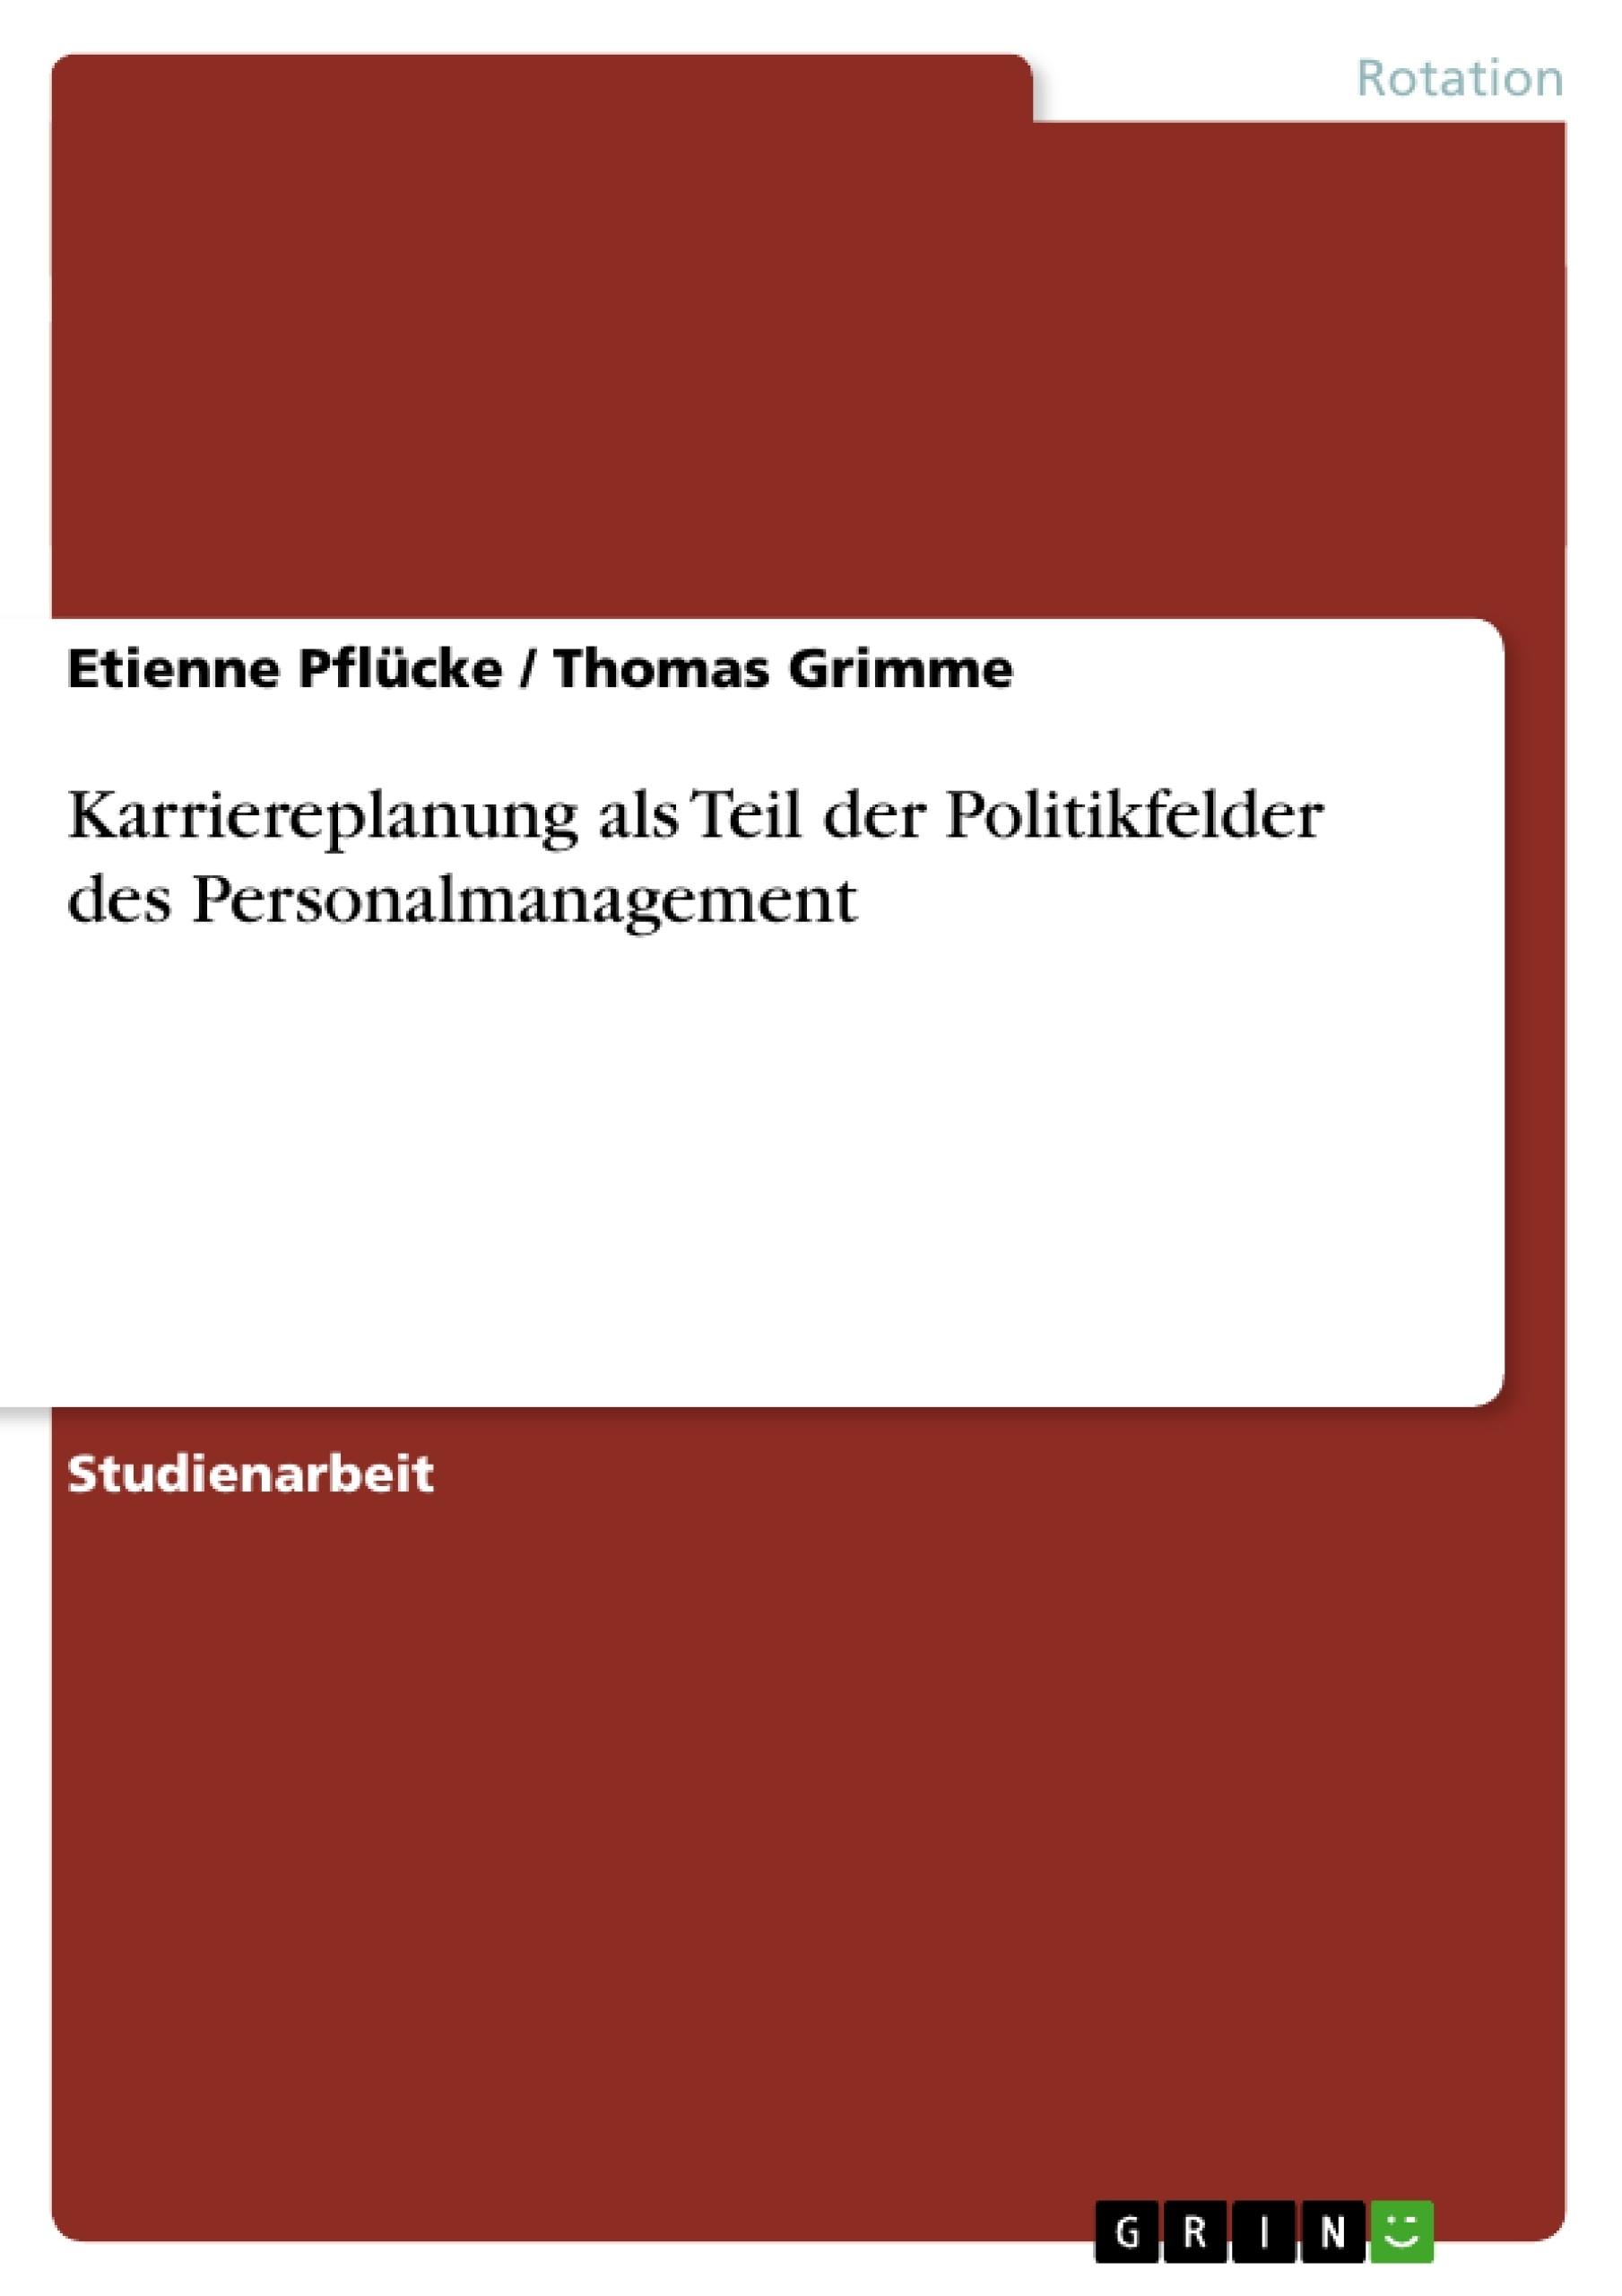 Titel: Karriereplanung als Teil der Politikfelder des Personalmanagement